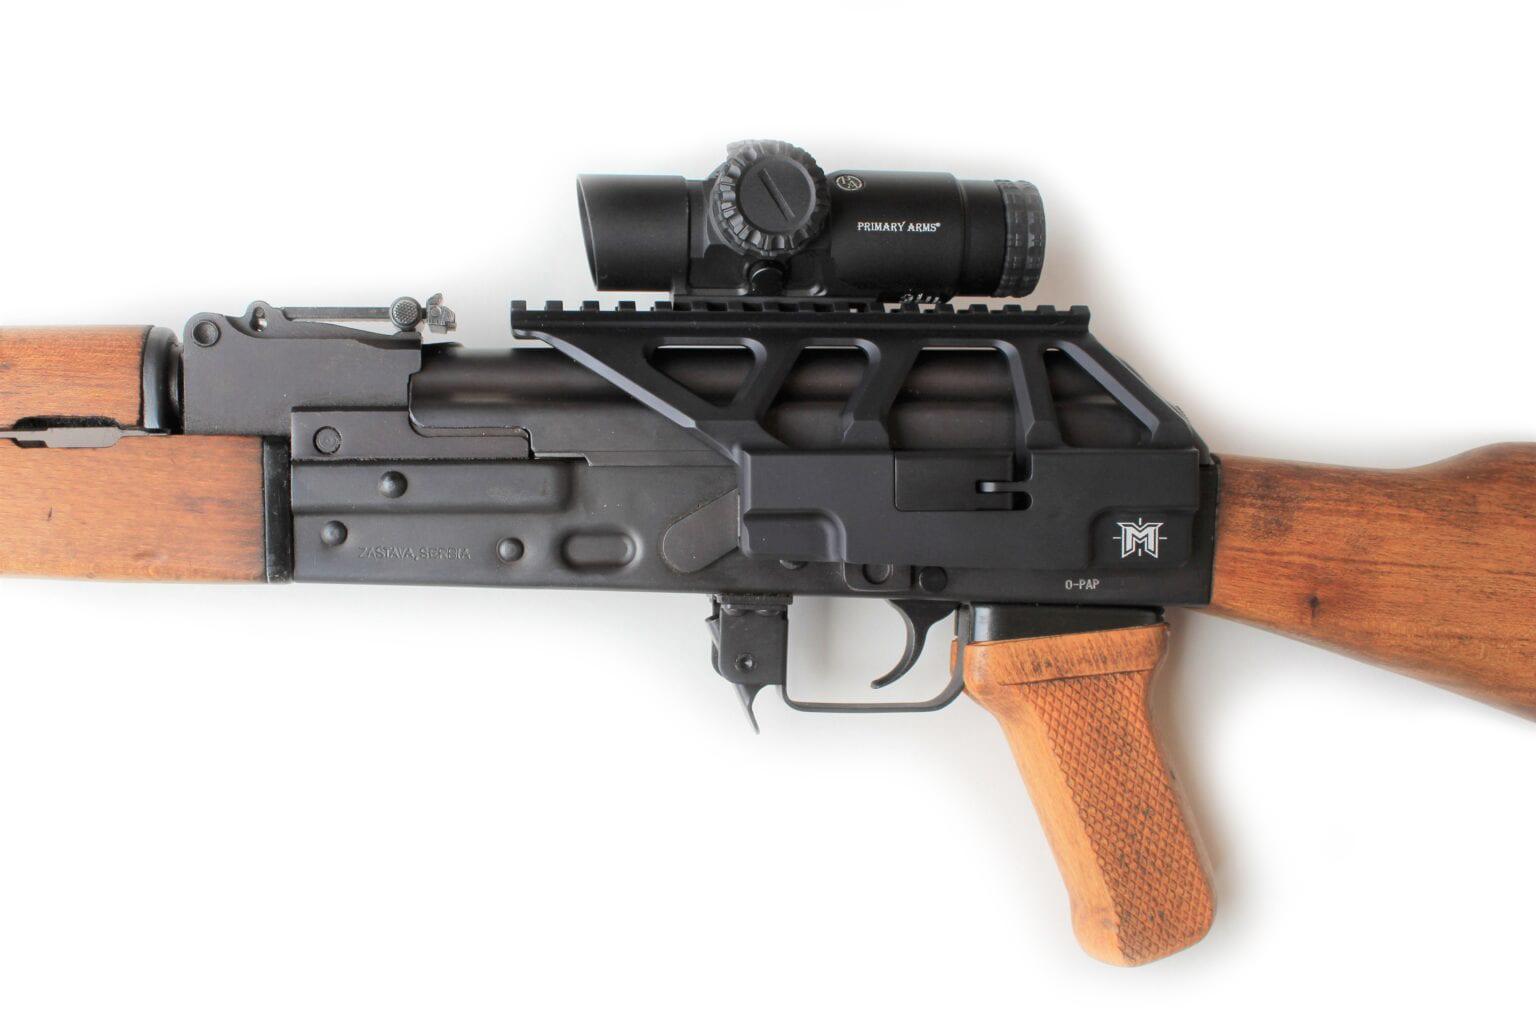 AK-MASTER-MOUNT-AK47-Optic-Mount-YUGO-ZASTAVA-AK-Seitenmontage-Jugo